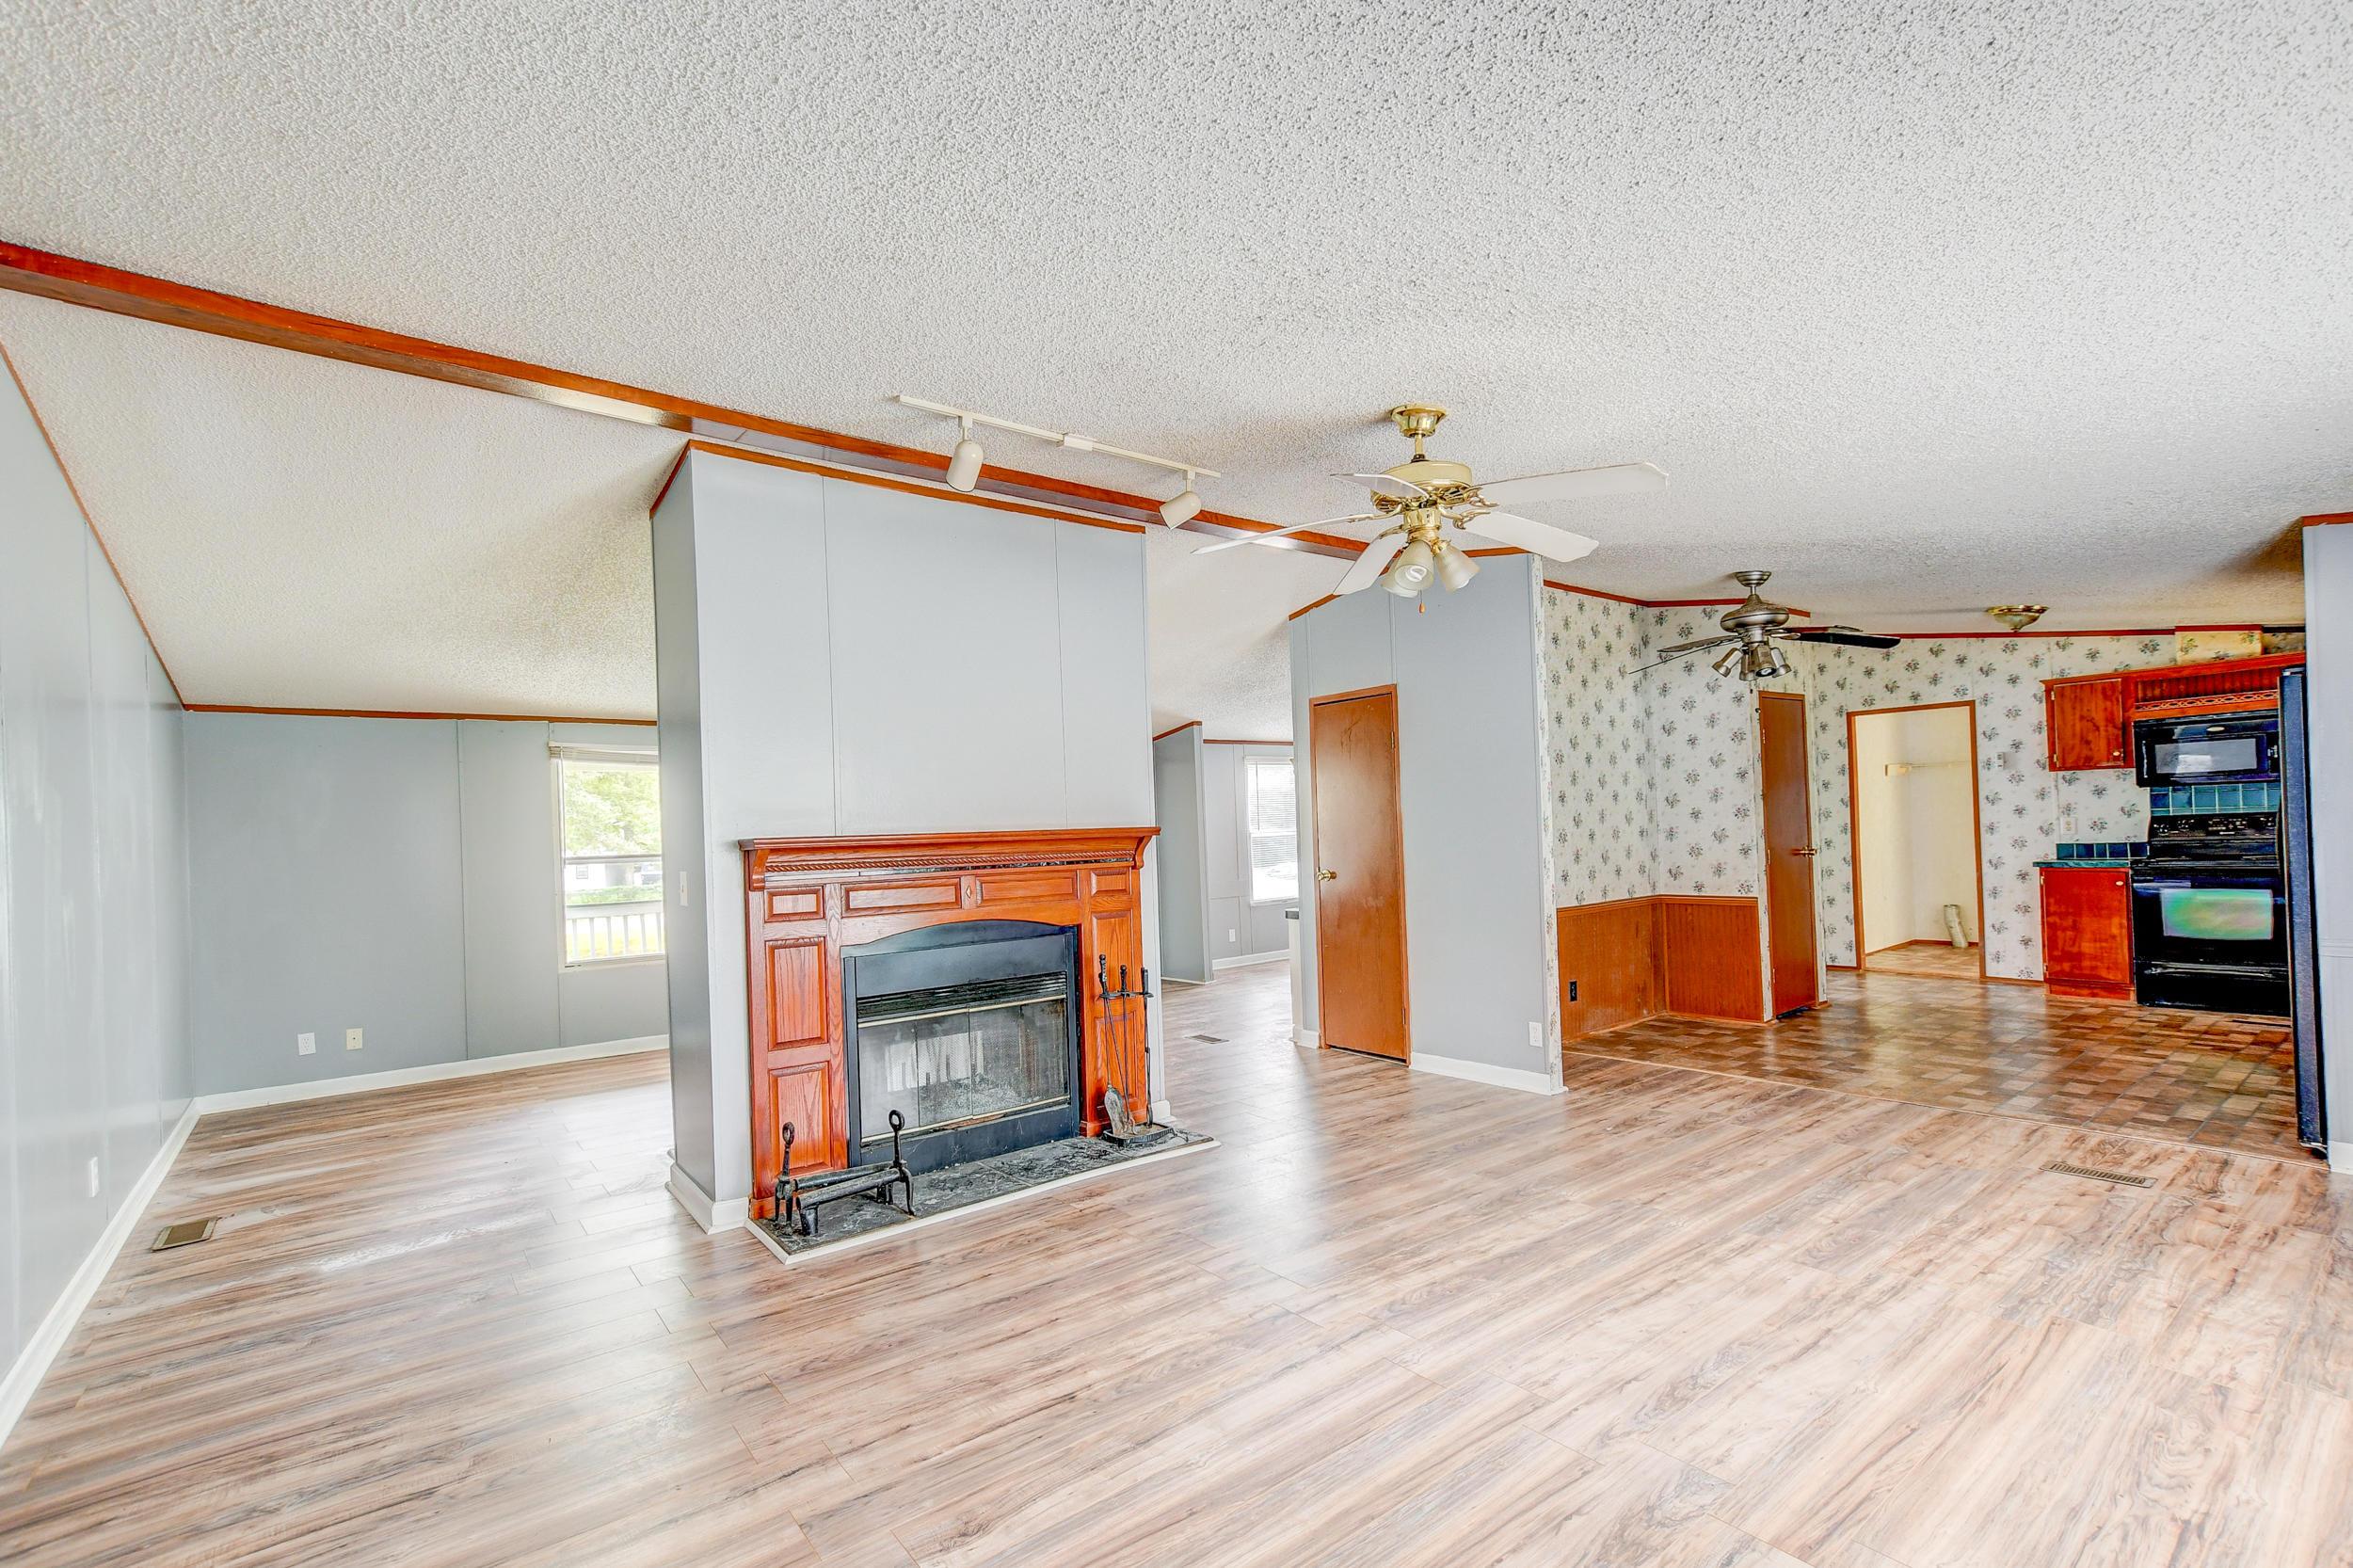 Clemson Terrace Homes For Sale - 123 Colkitt, Summerville, SC - 3